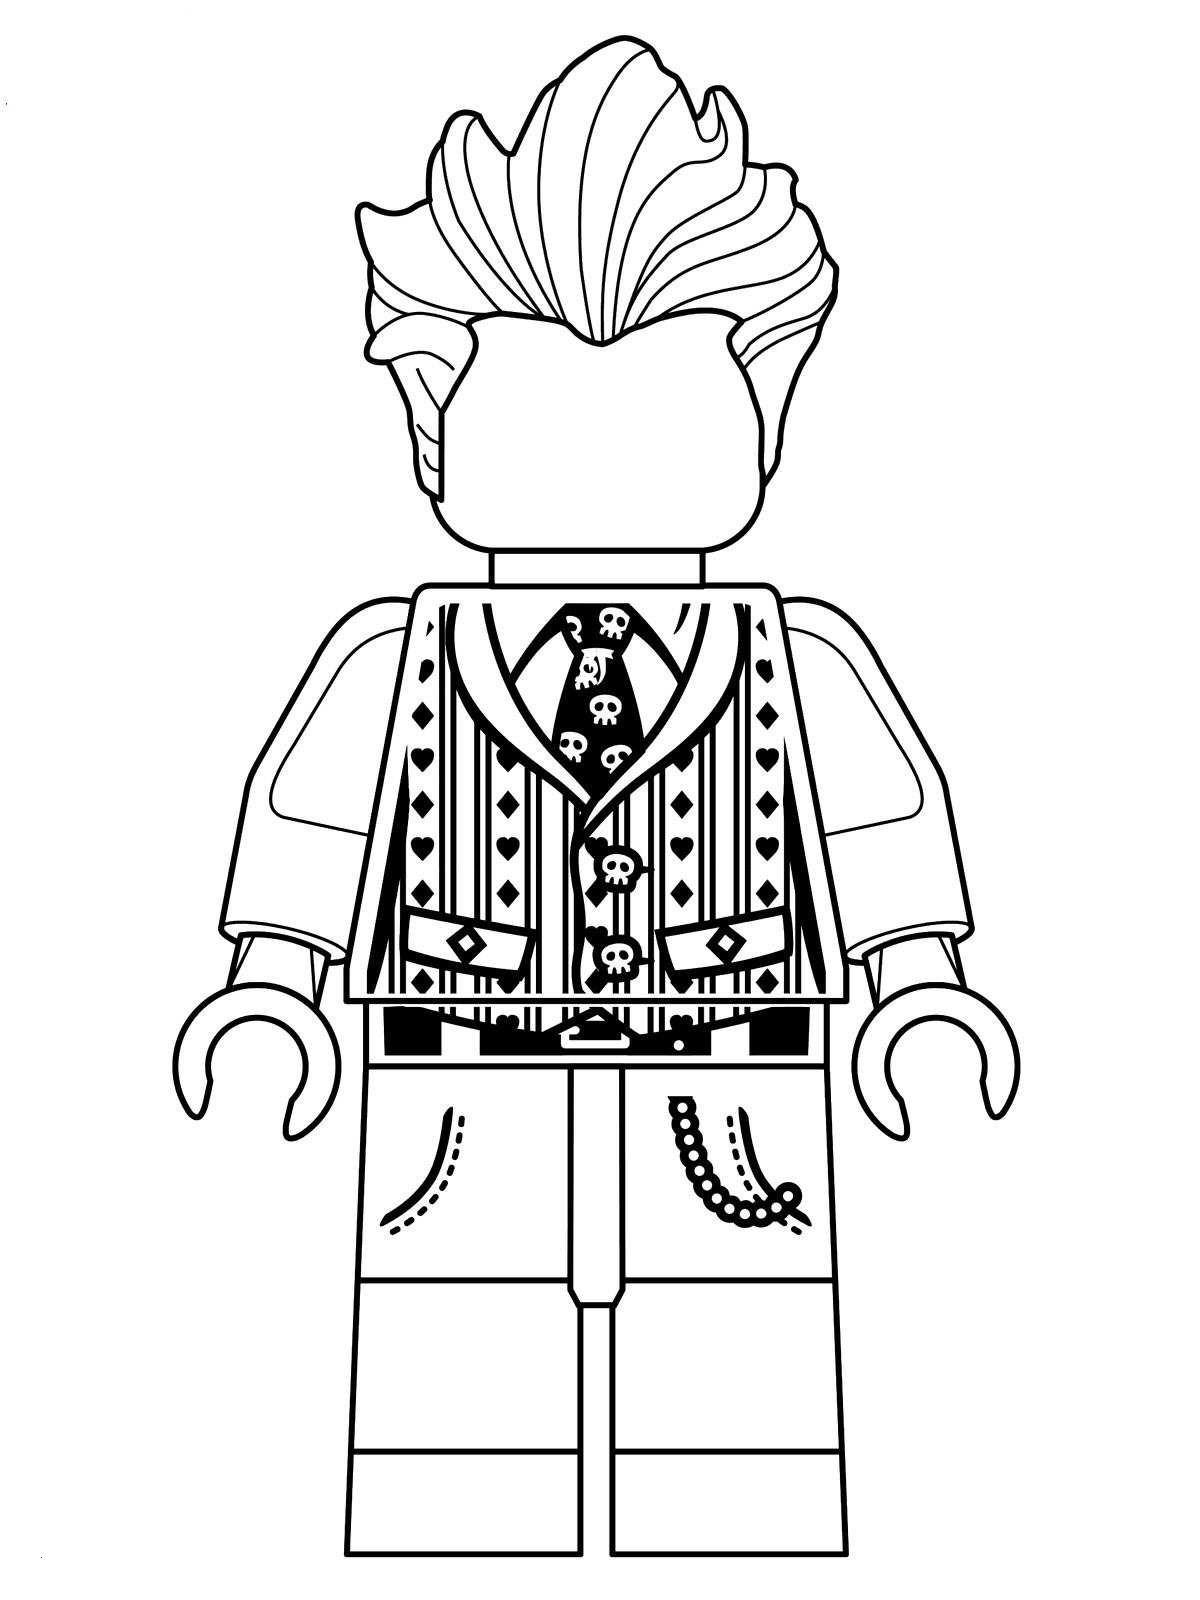 Marvel Helden Ausmalbilder Frisch Marvel Ic Helden Malvorlagen Best Star Wars Ausmalbilder Lego Bild